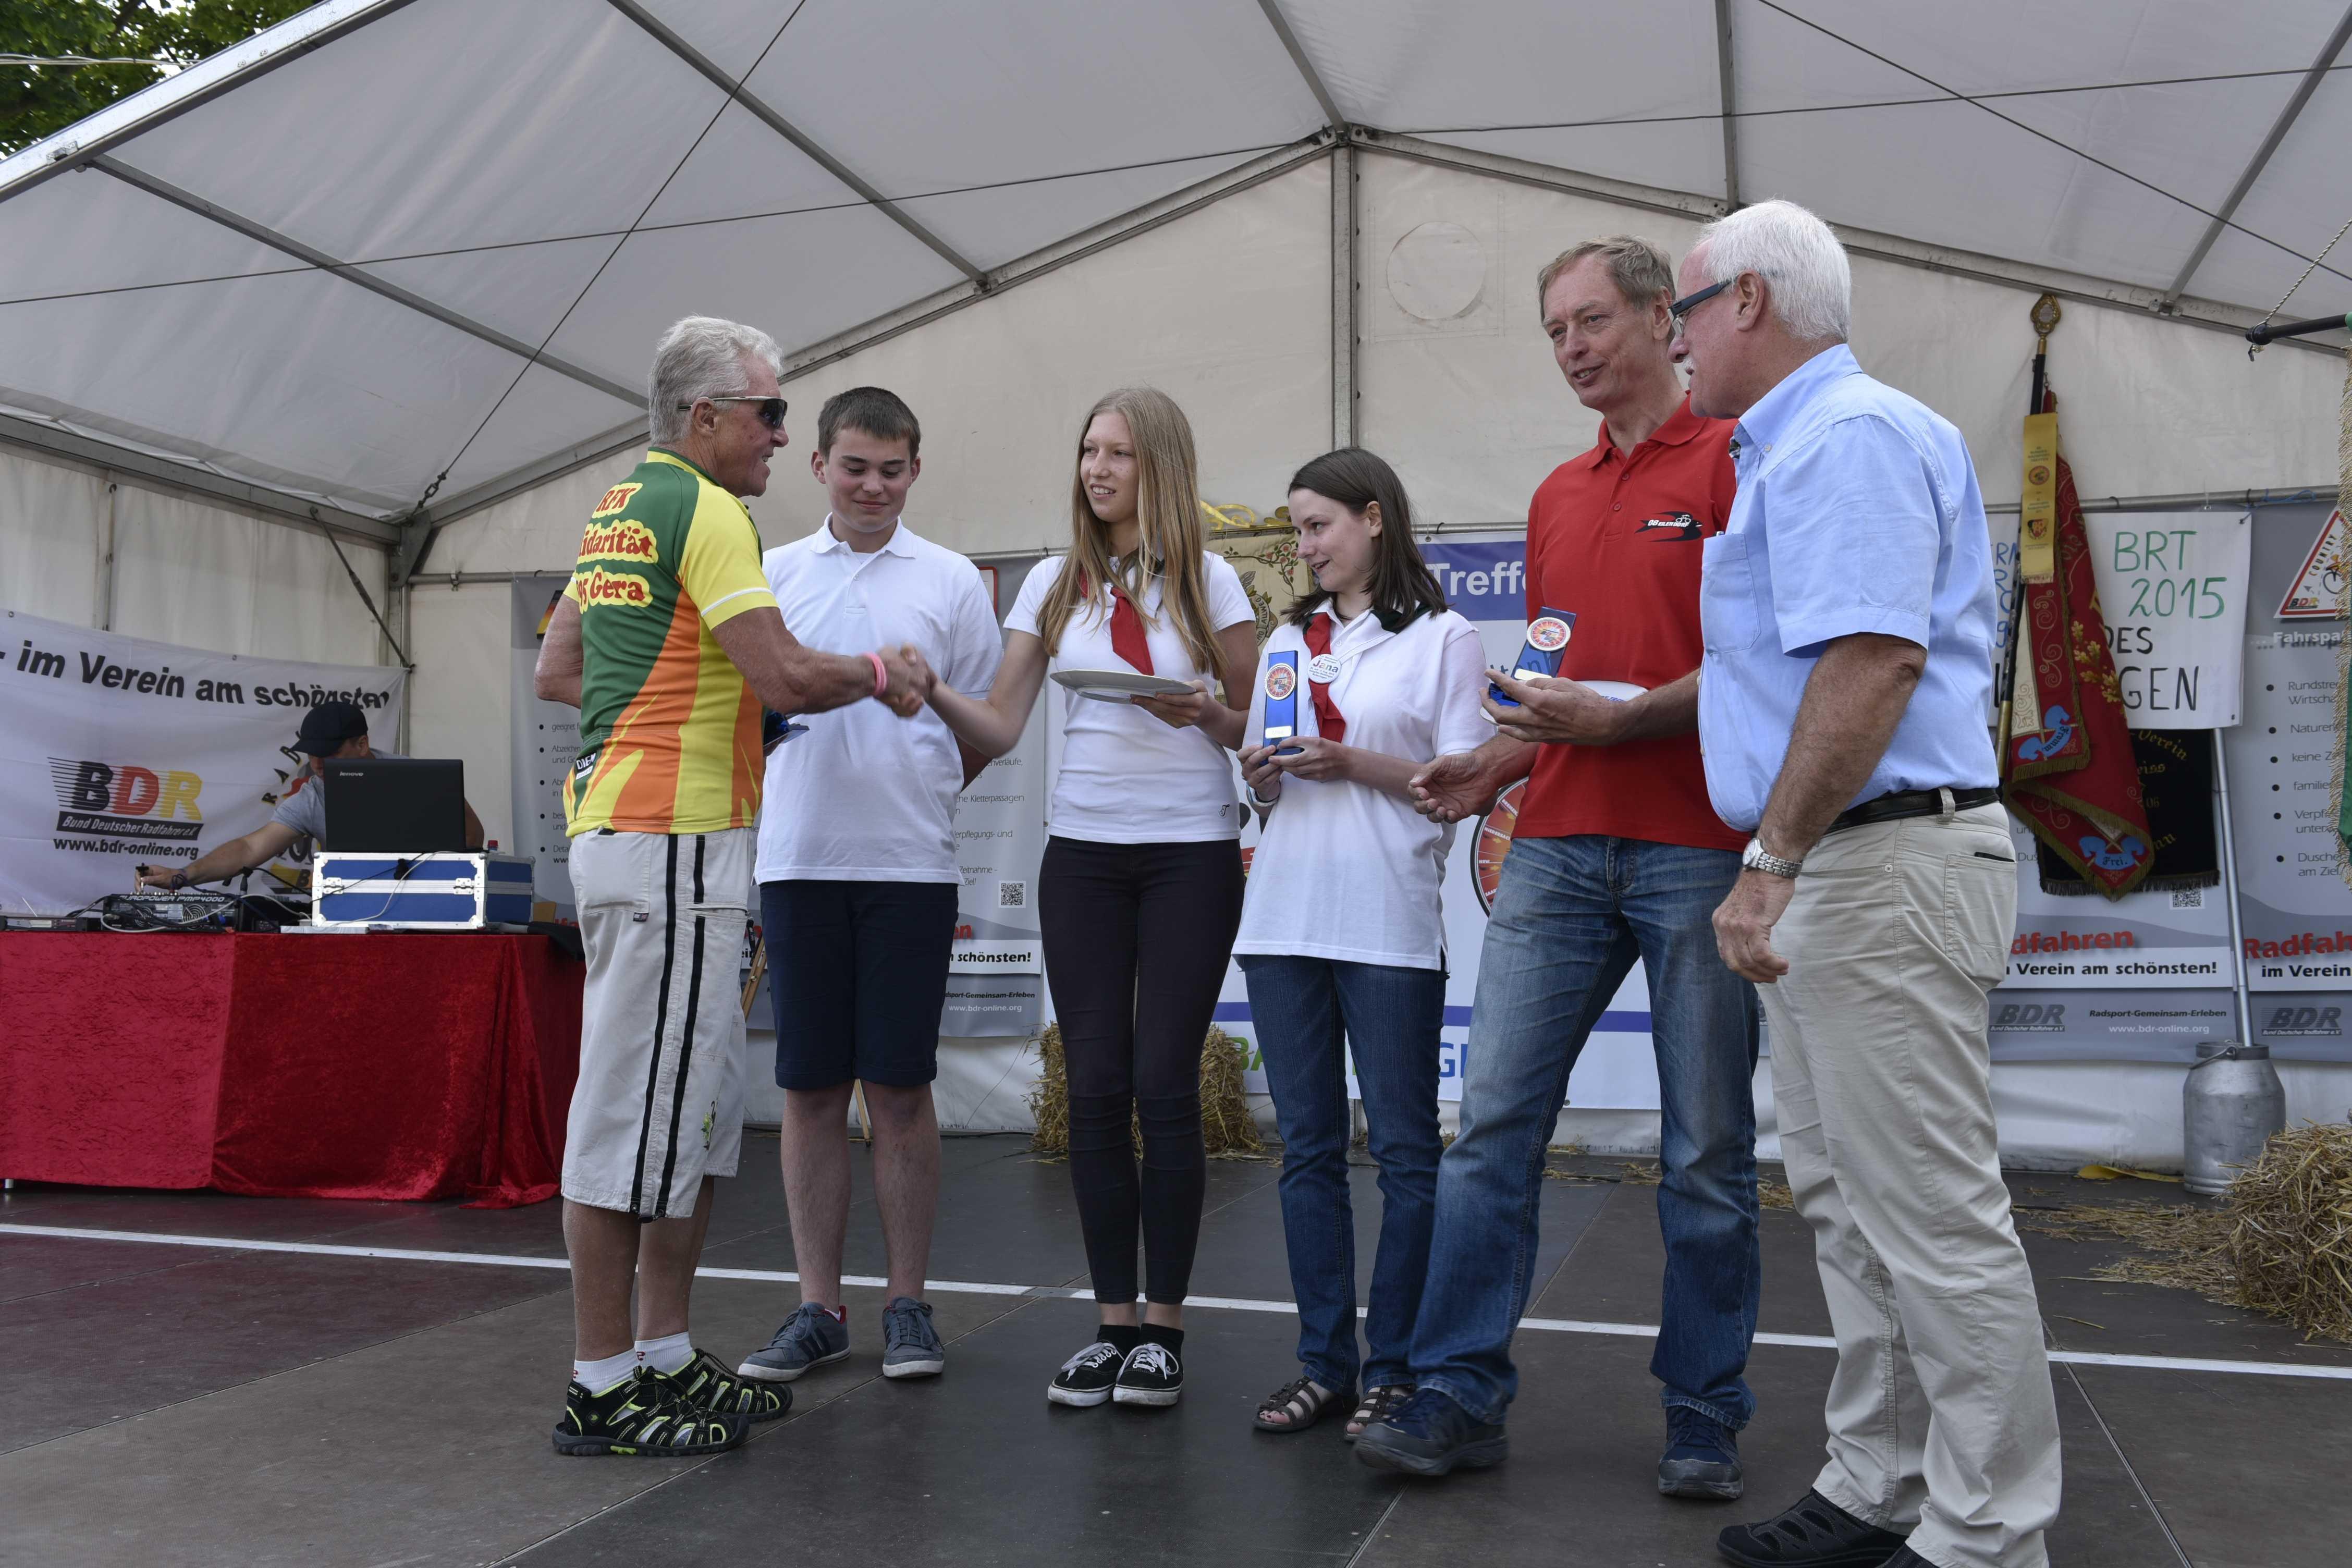 Die drei besten Mannschaften bei der Siegerehrung von links: der Vertreter von Gera, drei Jugendliche aus Salzgitter, der Leiter der Schwalbe-Gruppe Karl-Heinz Klein und der BDR-Vizepräsident Peter Koch, der die Pokale überreichte